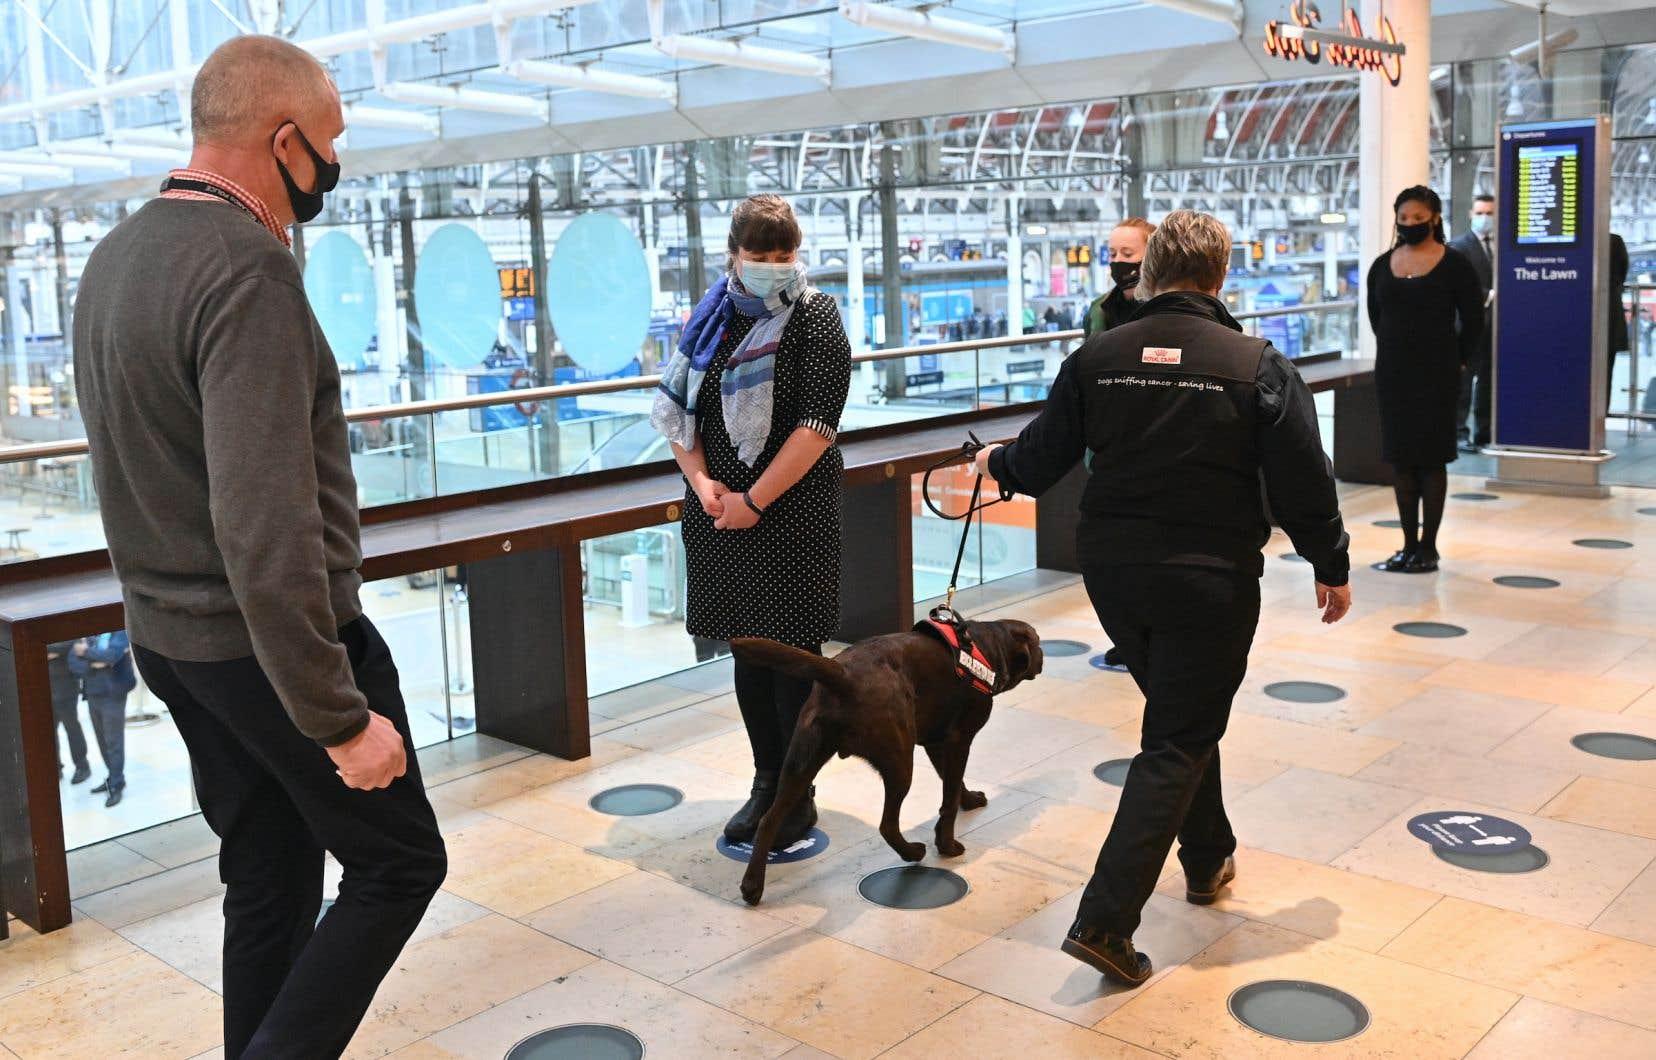 Un chien utilisé pour mener des tests afin de détecter la présence du coronavirus chez des passagers en transit à la station ferroviaire Paddington, à Londres.